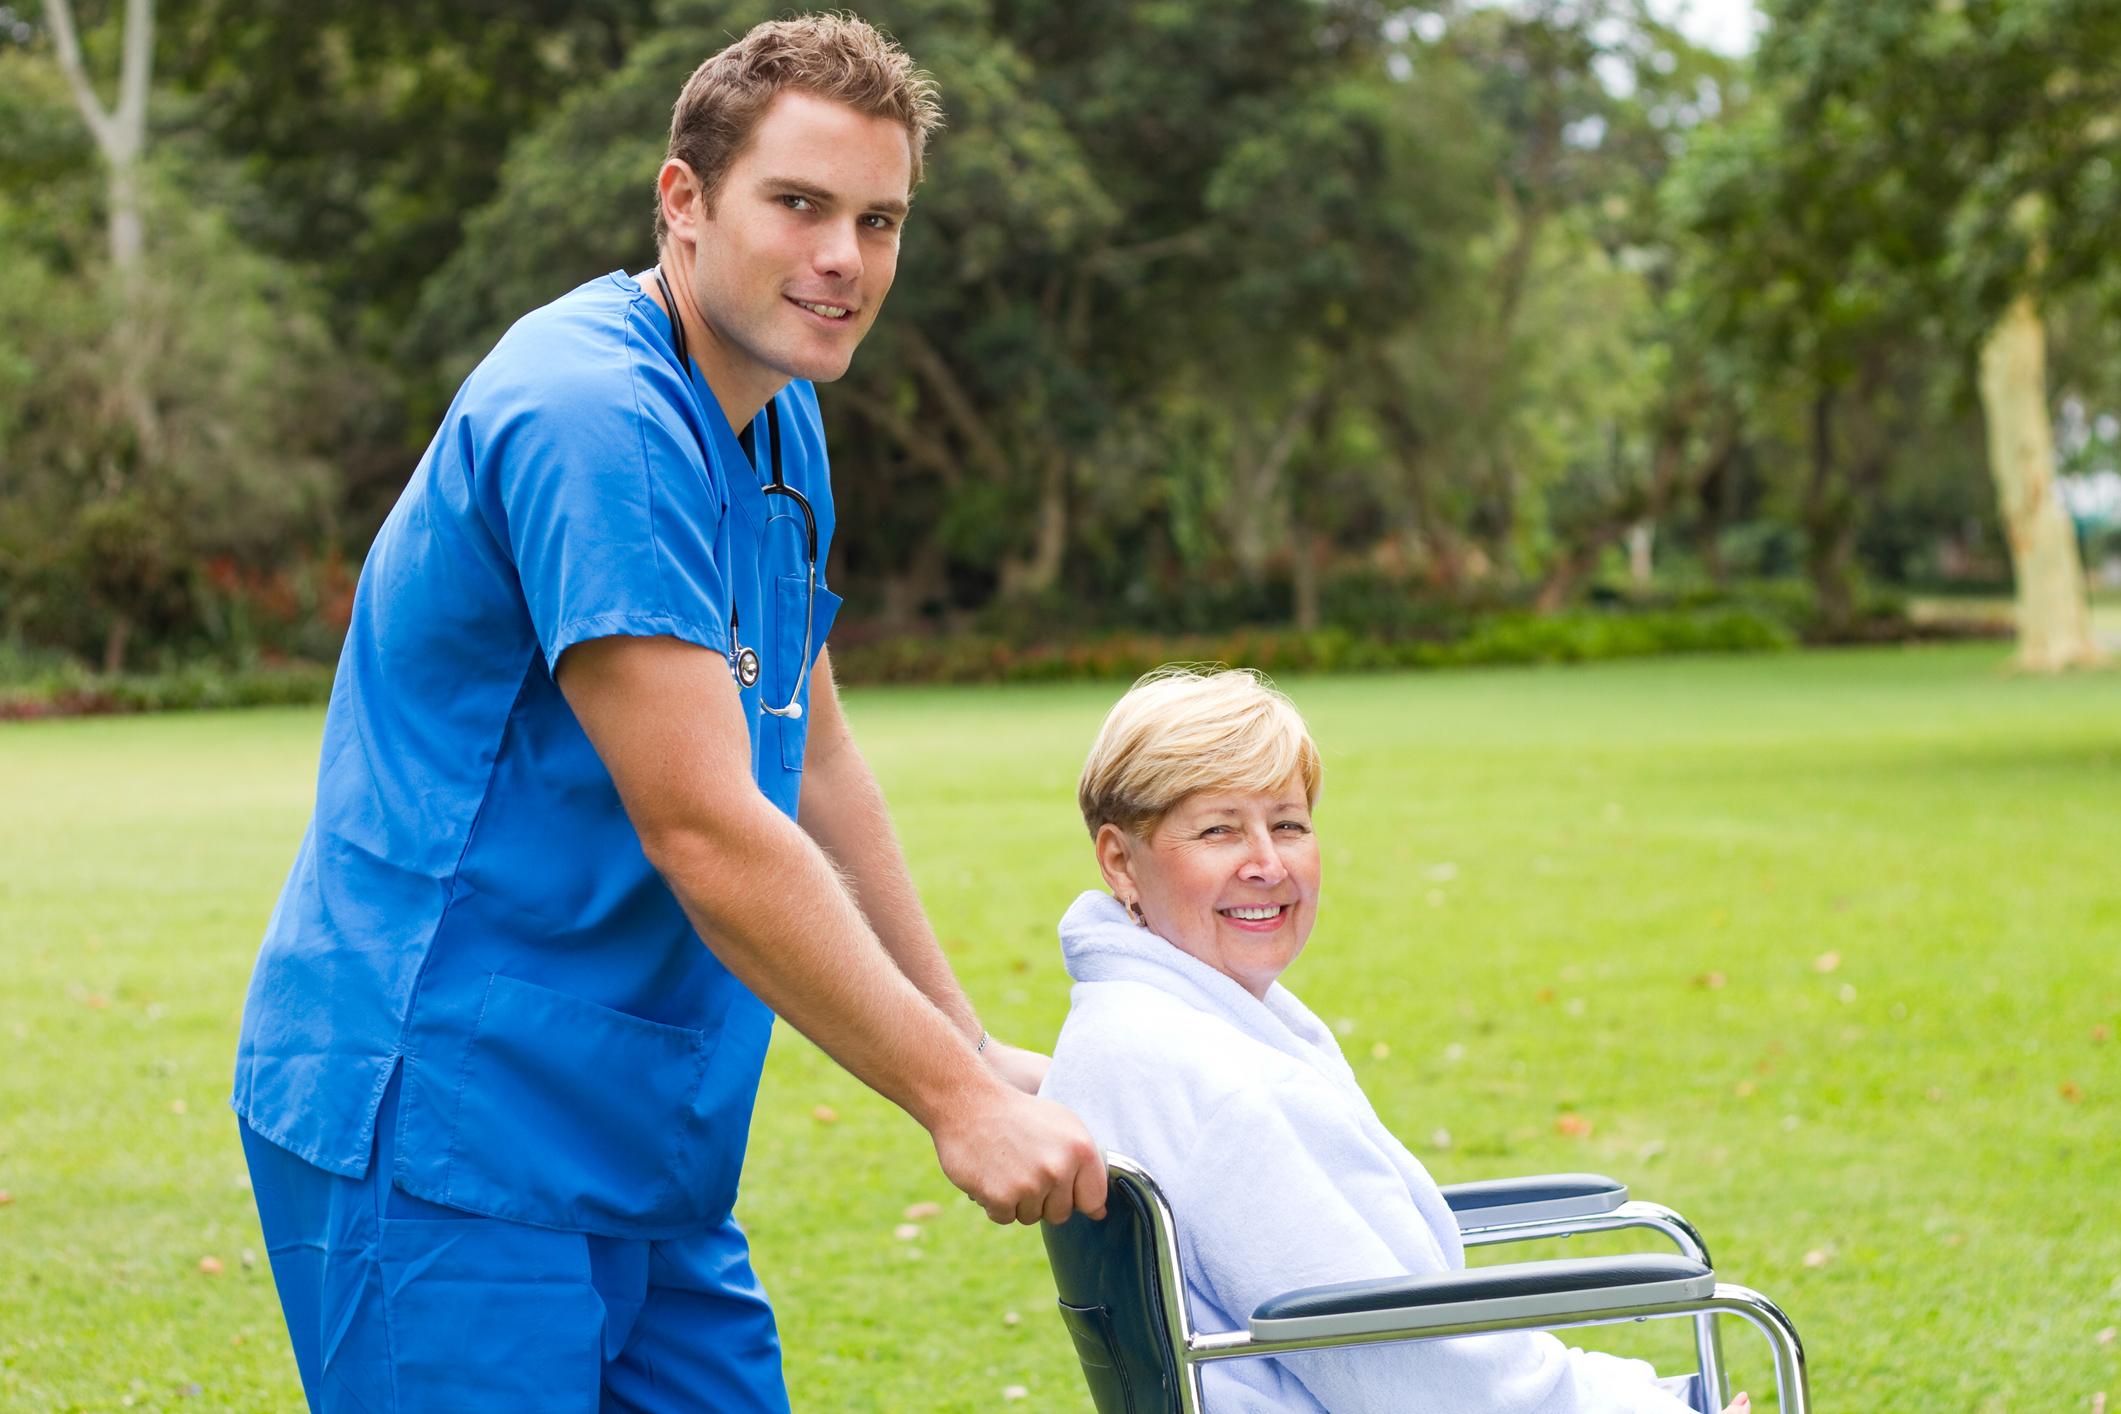 Caregiver Jobs In San Gabriel Valley A 1 Home Care Jobs